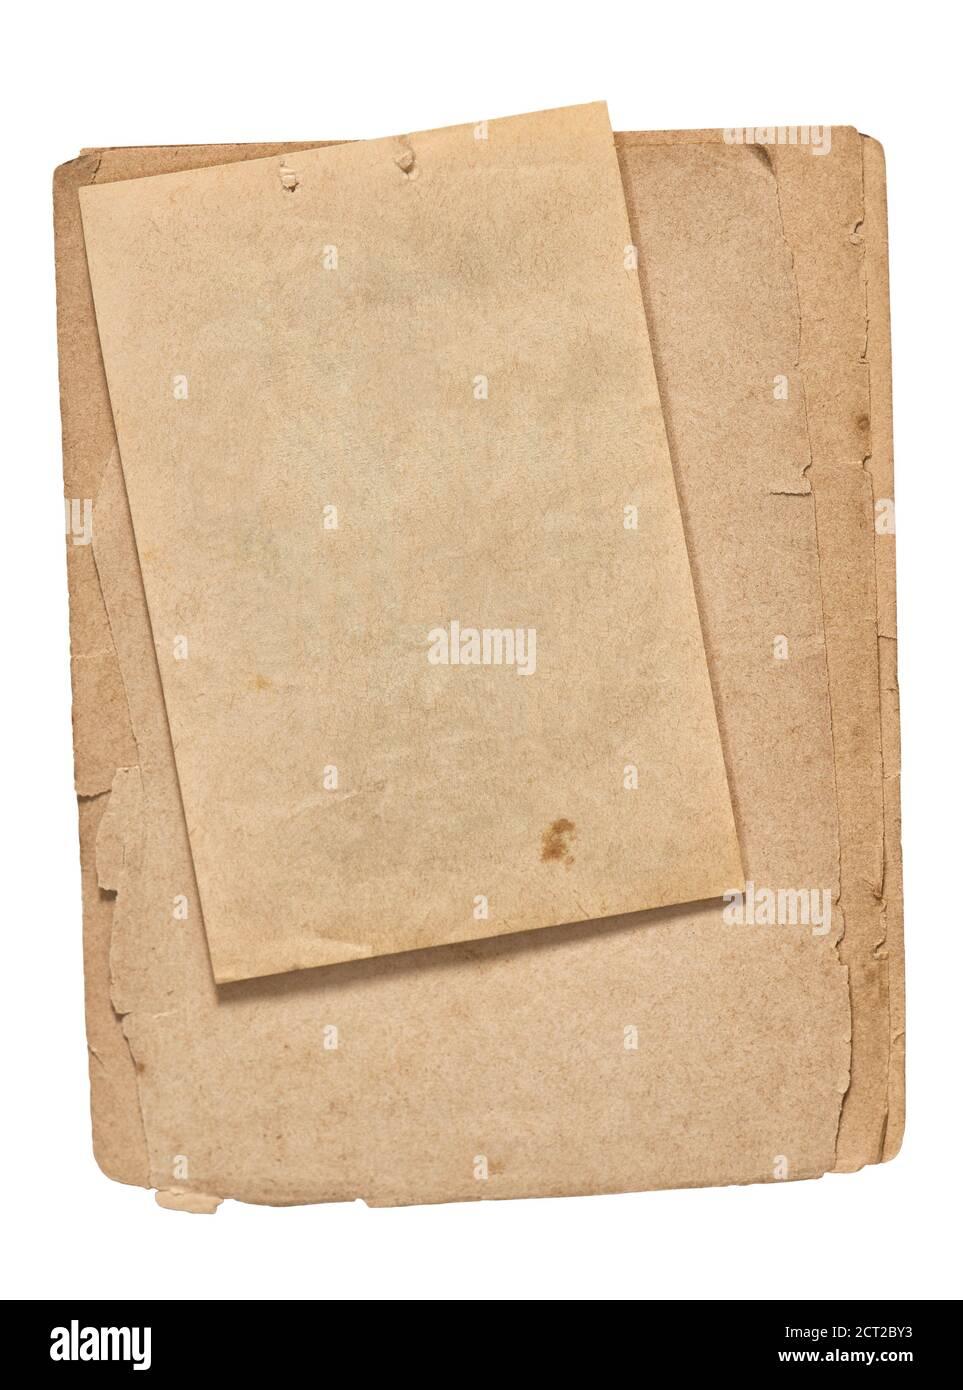 Anciennes feuilles de papier. Utilisez des pages de livre dont les bords sont déchirés et qui sont isolées sur fond blanc Banque D'Images